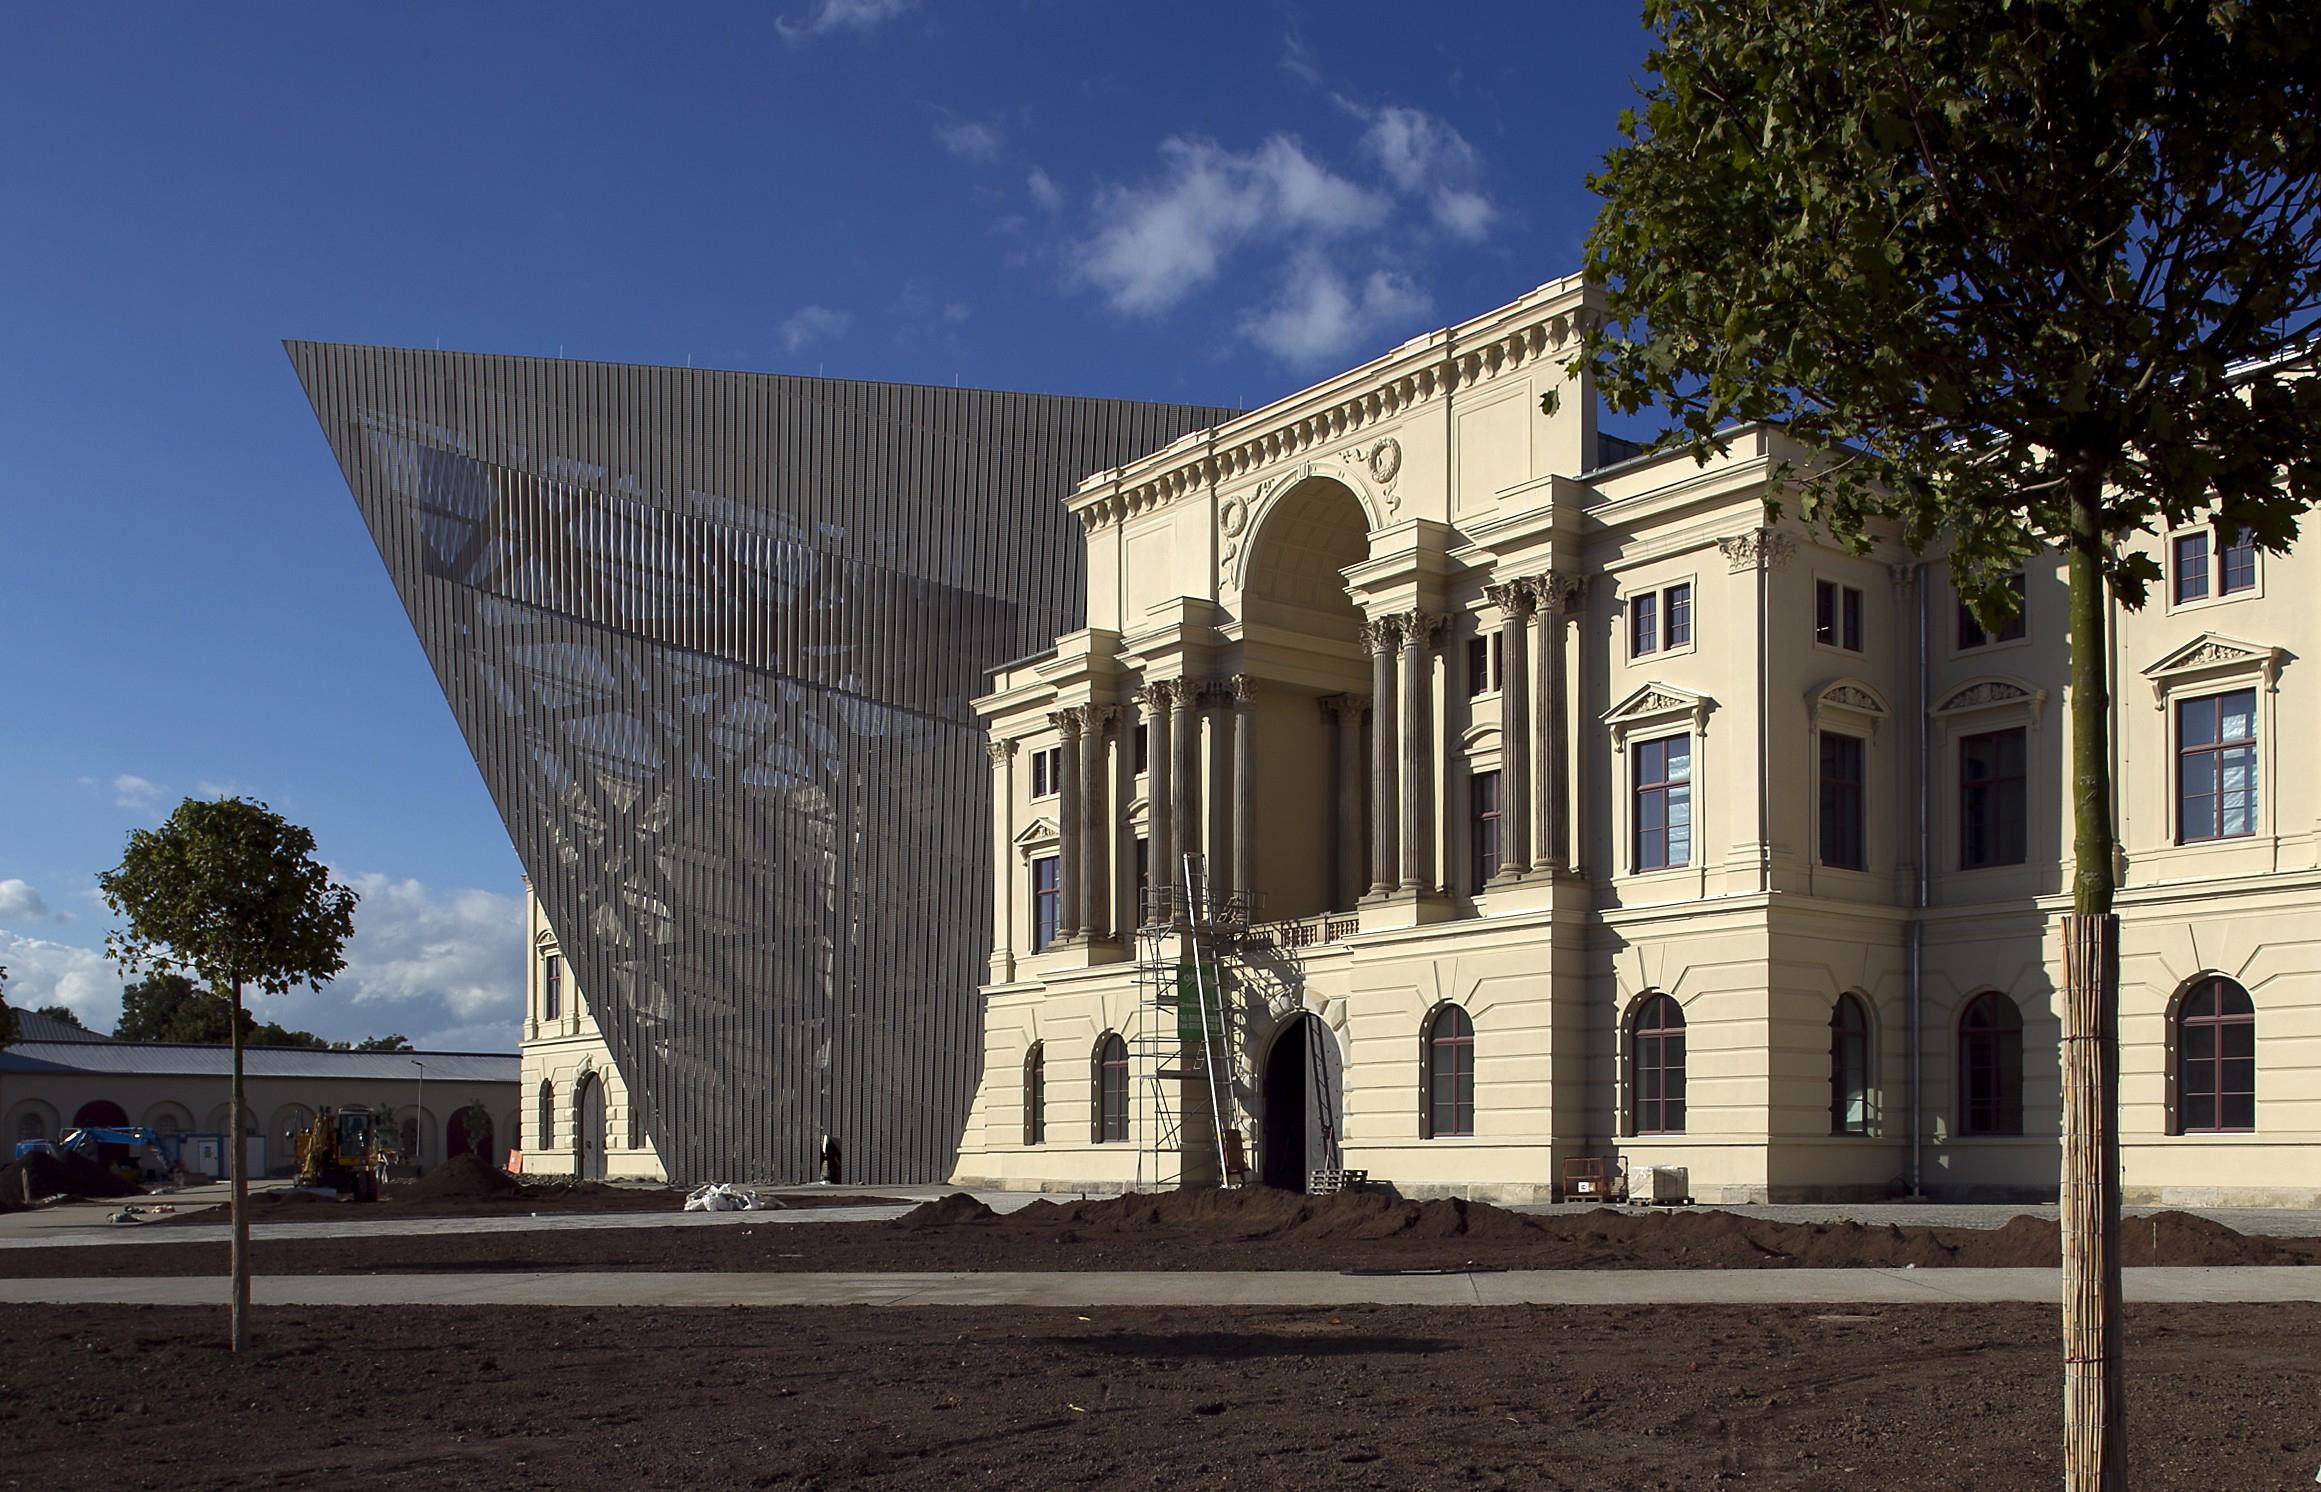 Цена билетов в музеи в дрездене цена билеты в театр омск